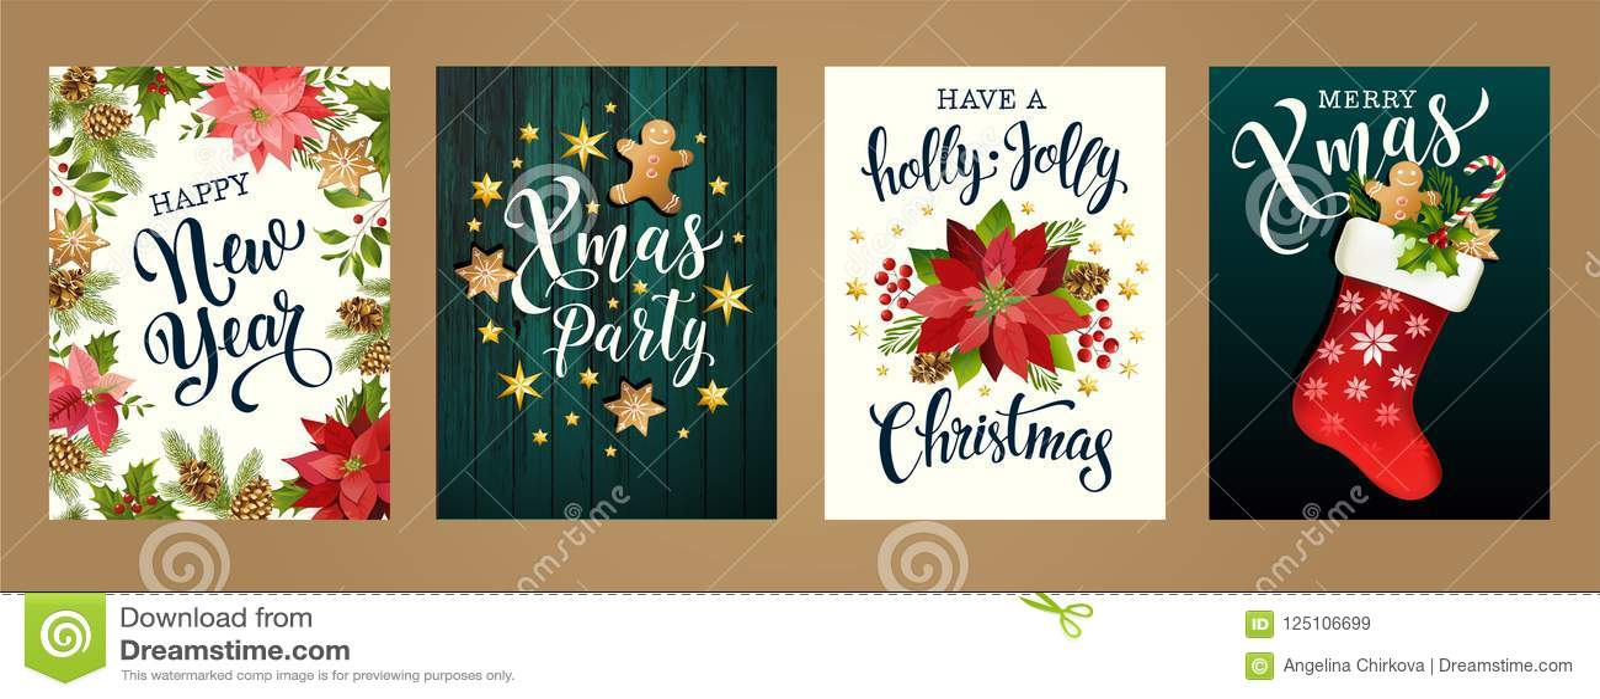 圣诞快乐和新年好2019白色和黑颜色 为海报,卡片,邀请,卡片,飞行物,小册子设计 向量